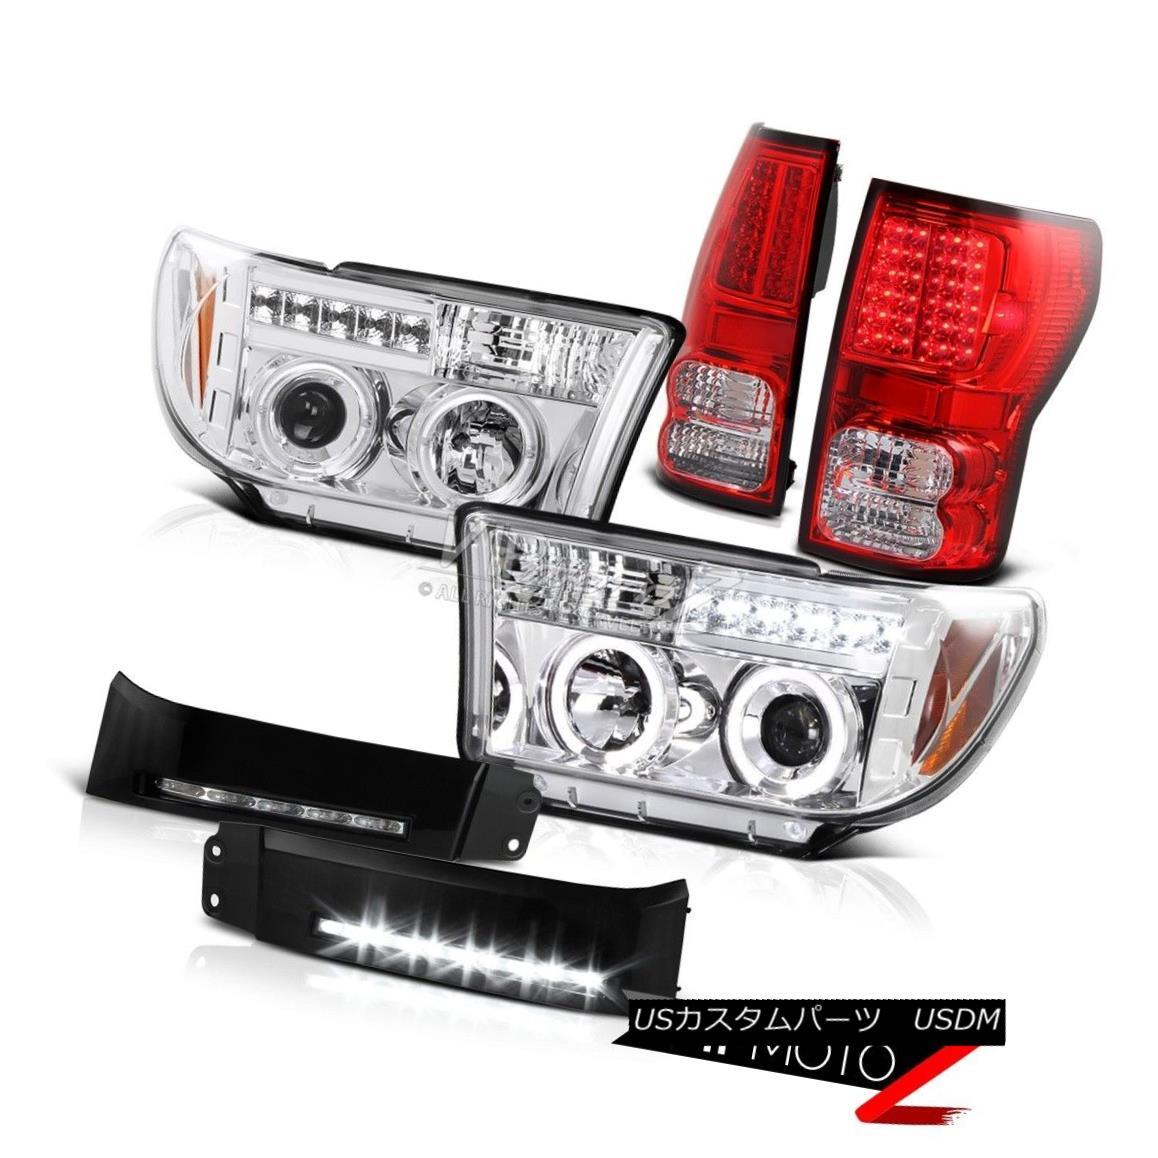 ヘッドライト 07 08 09 10 11 12 13 Toyota Tundra Chrome SMD Rear Lamp Halo Headlights DRL LED 07 08 09 10 11 12 13トヨタトンドラクロムSMDリアライトHaloヘッドライトDRL LED